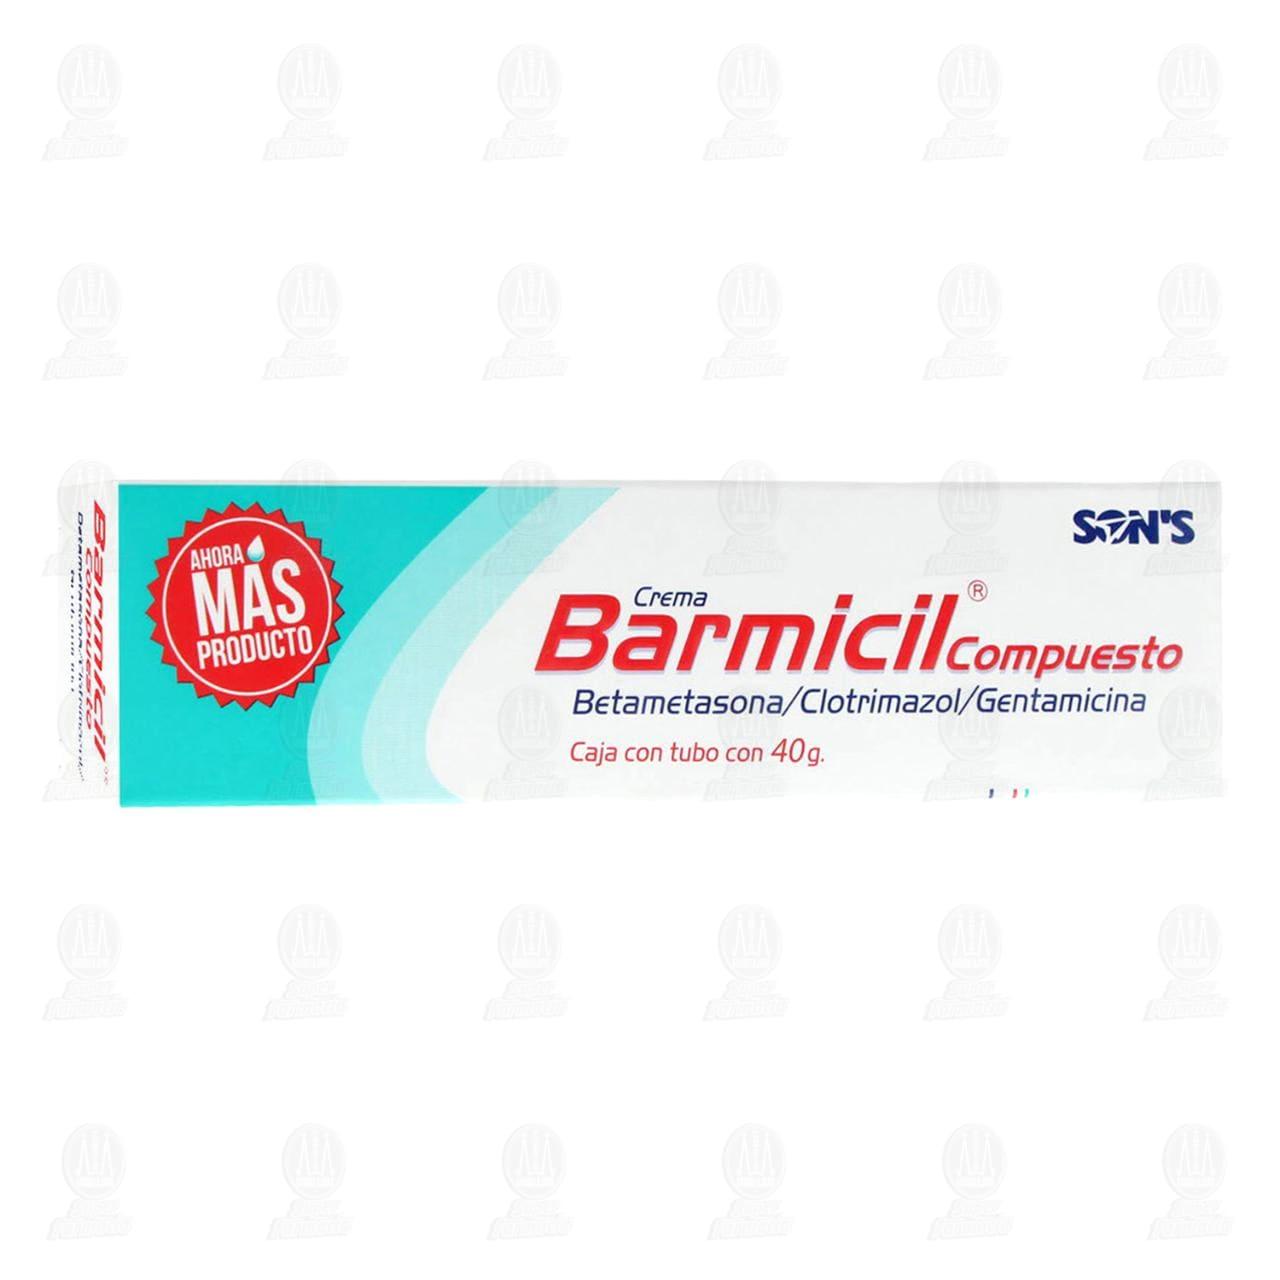 Comprar Barmicil Compuesto 40gr Crema en Farmacias Guadalajara